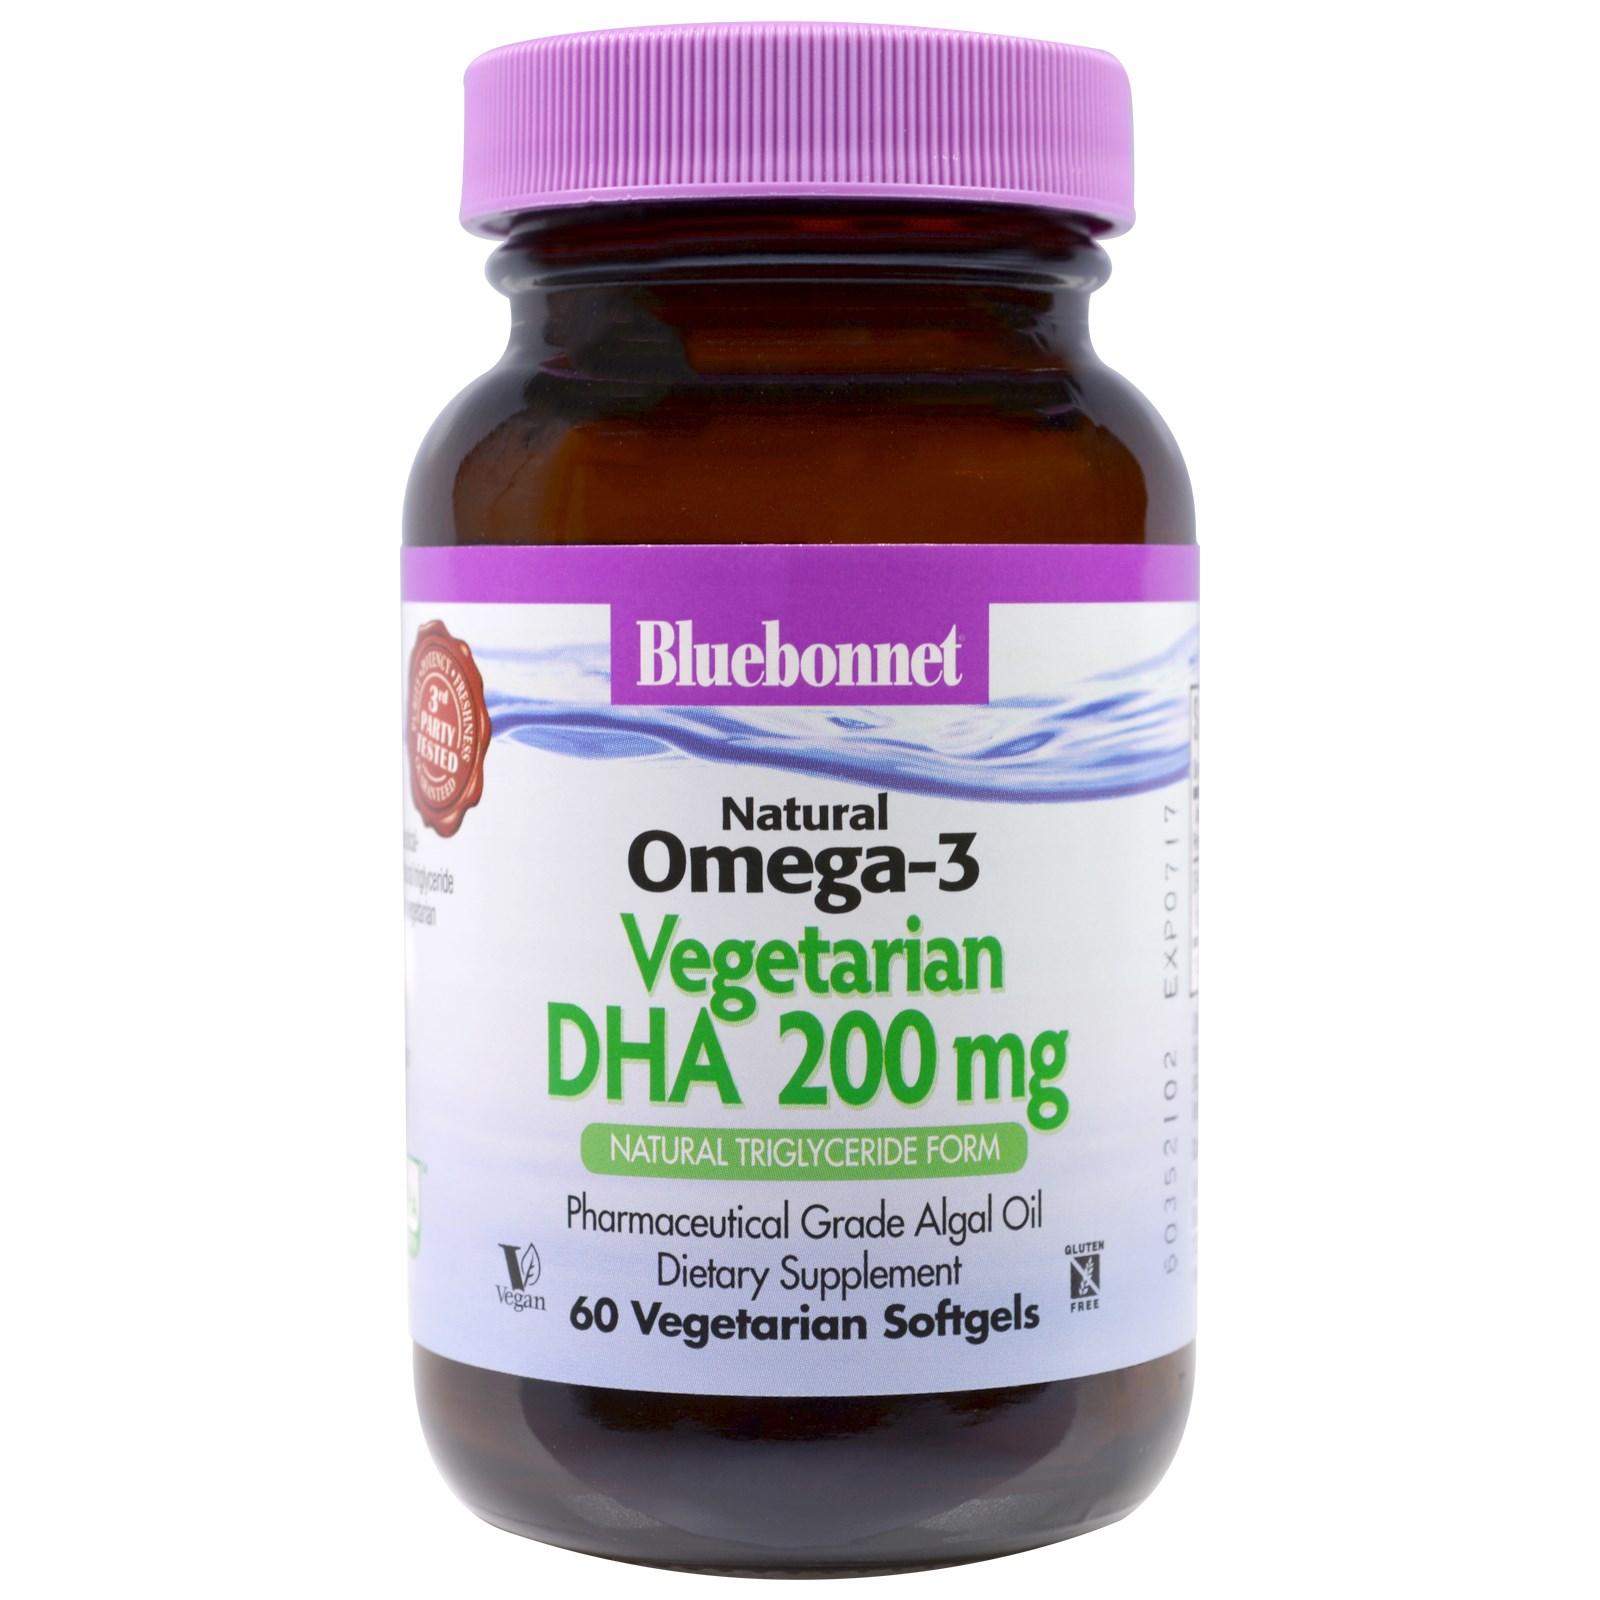 Bluebonnet Nutrition, Натуральная Омега-3, докозагексаеновая кислота (DHA) растительного происхождения, 200 мг, 60 желатиновых капсул